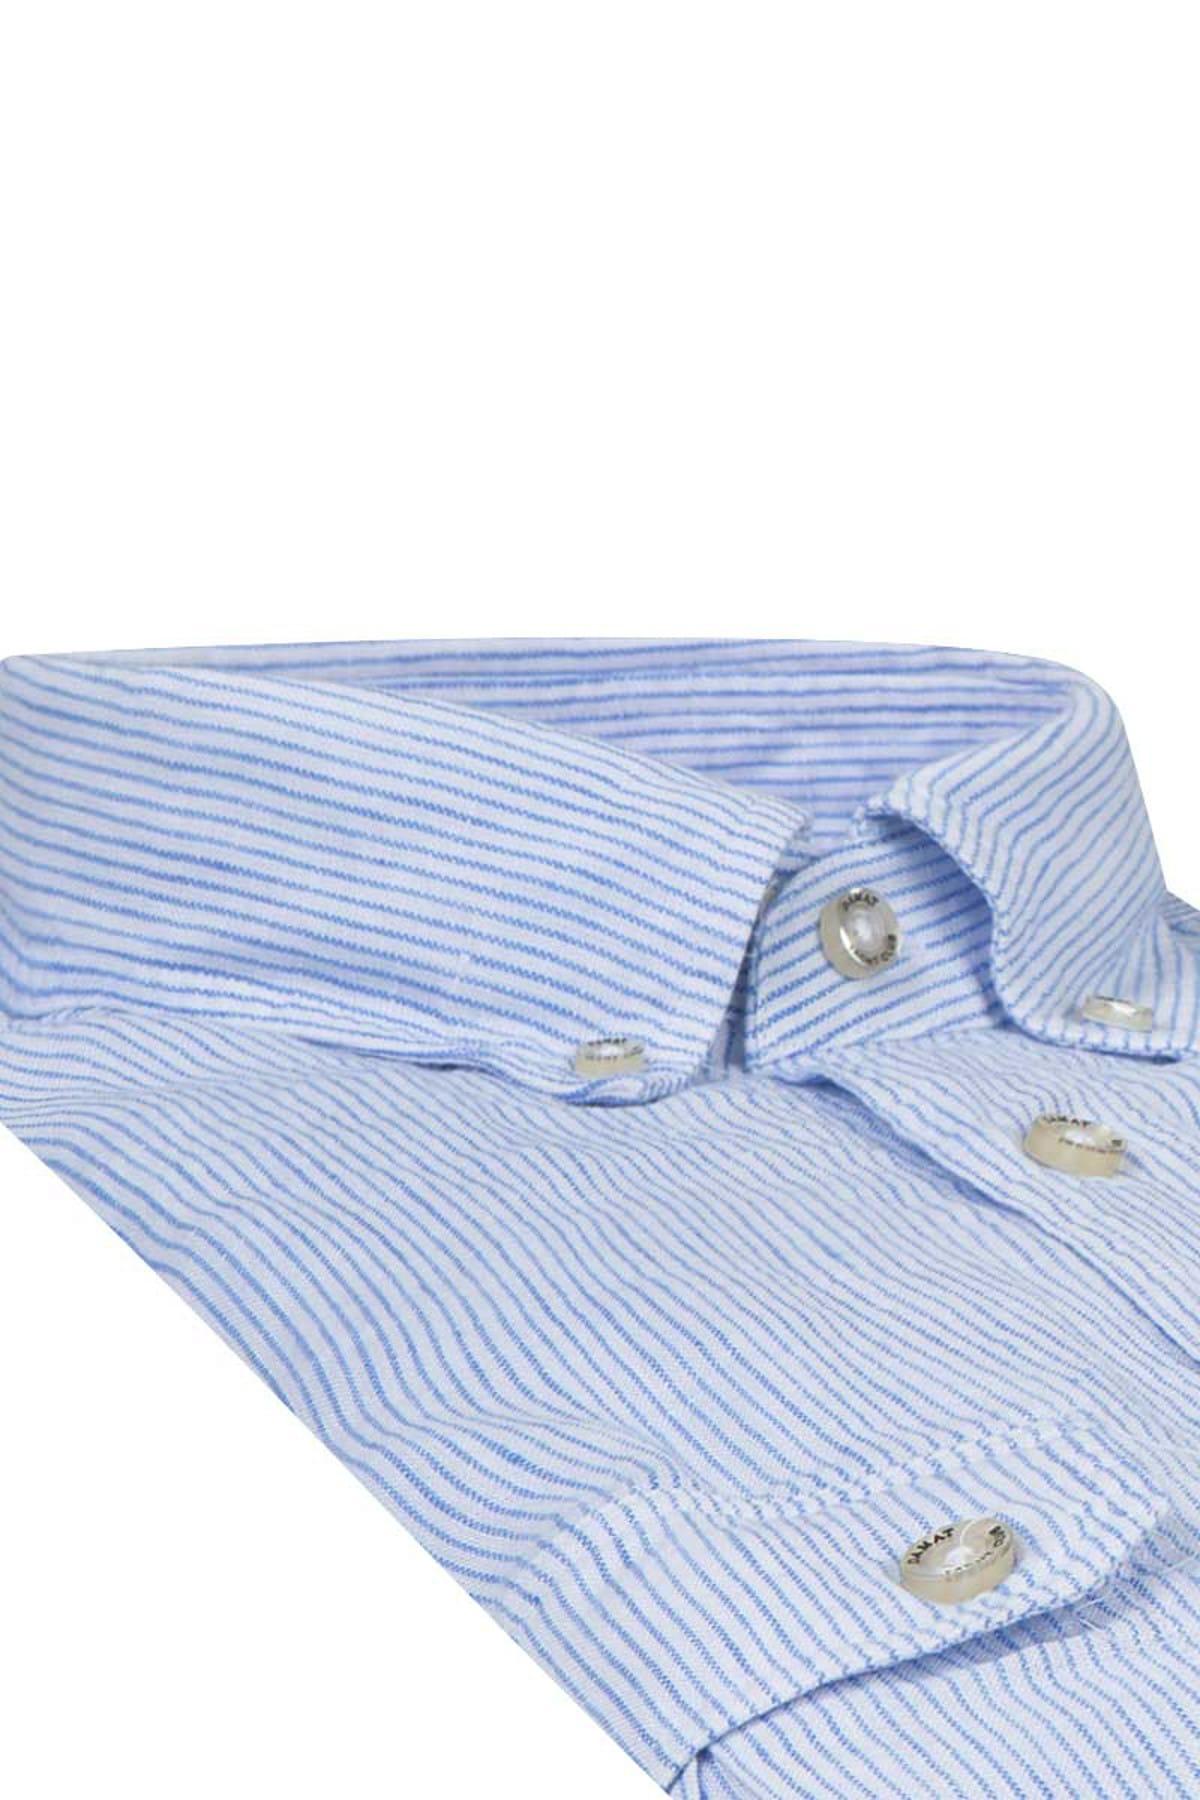 Damat Erkek  Mavi Casual Gömlek 2DC02S607284_701 2